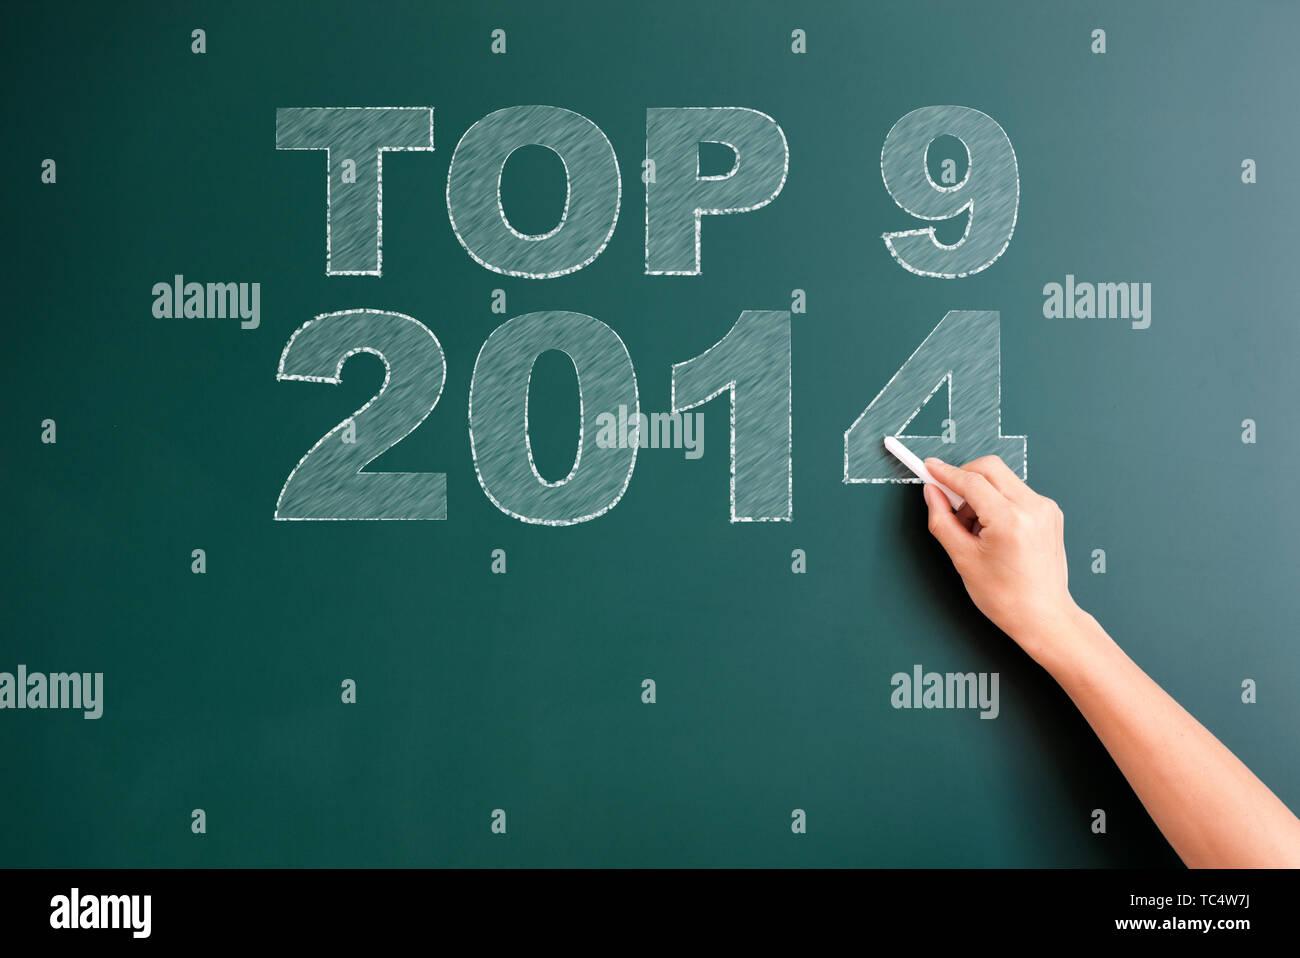 top 9 2014 written on blackboard - Stock Image